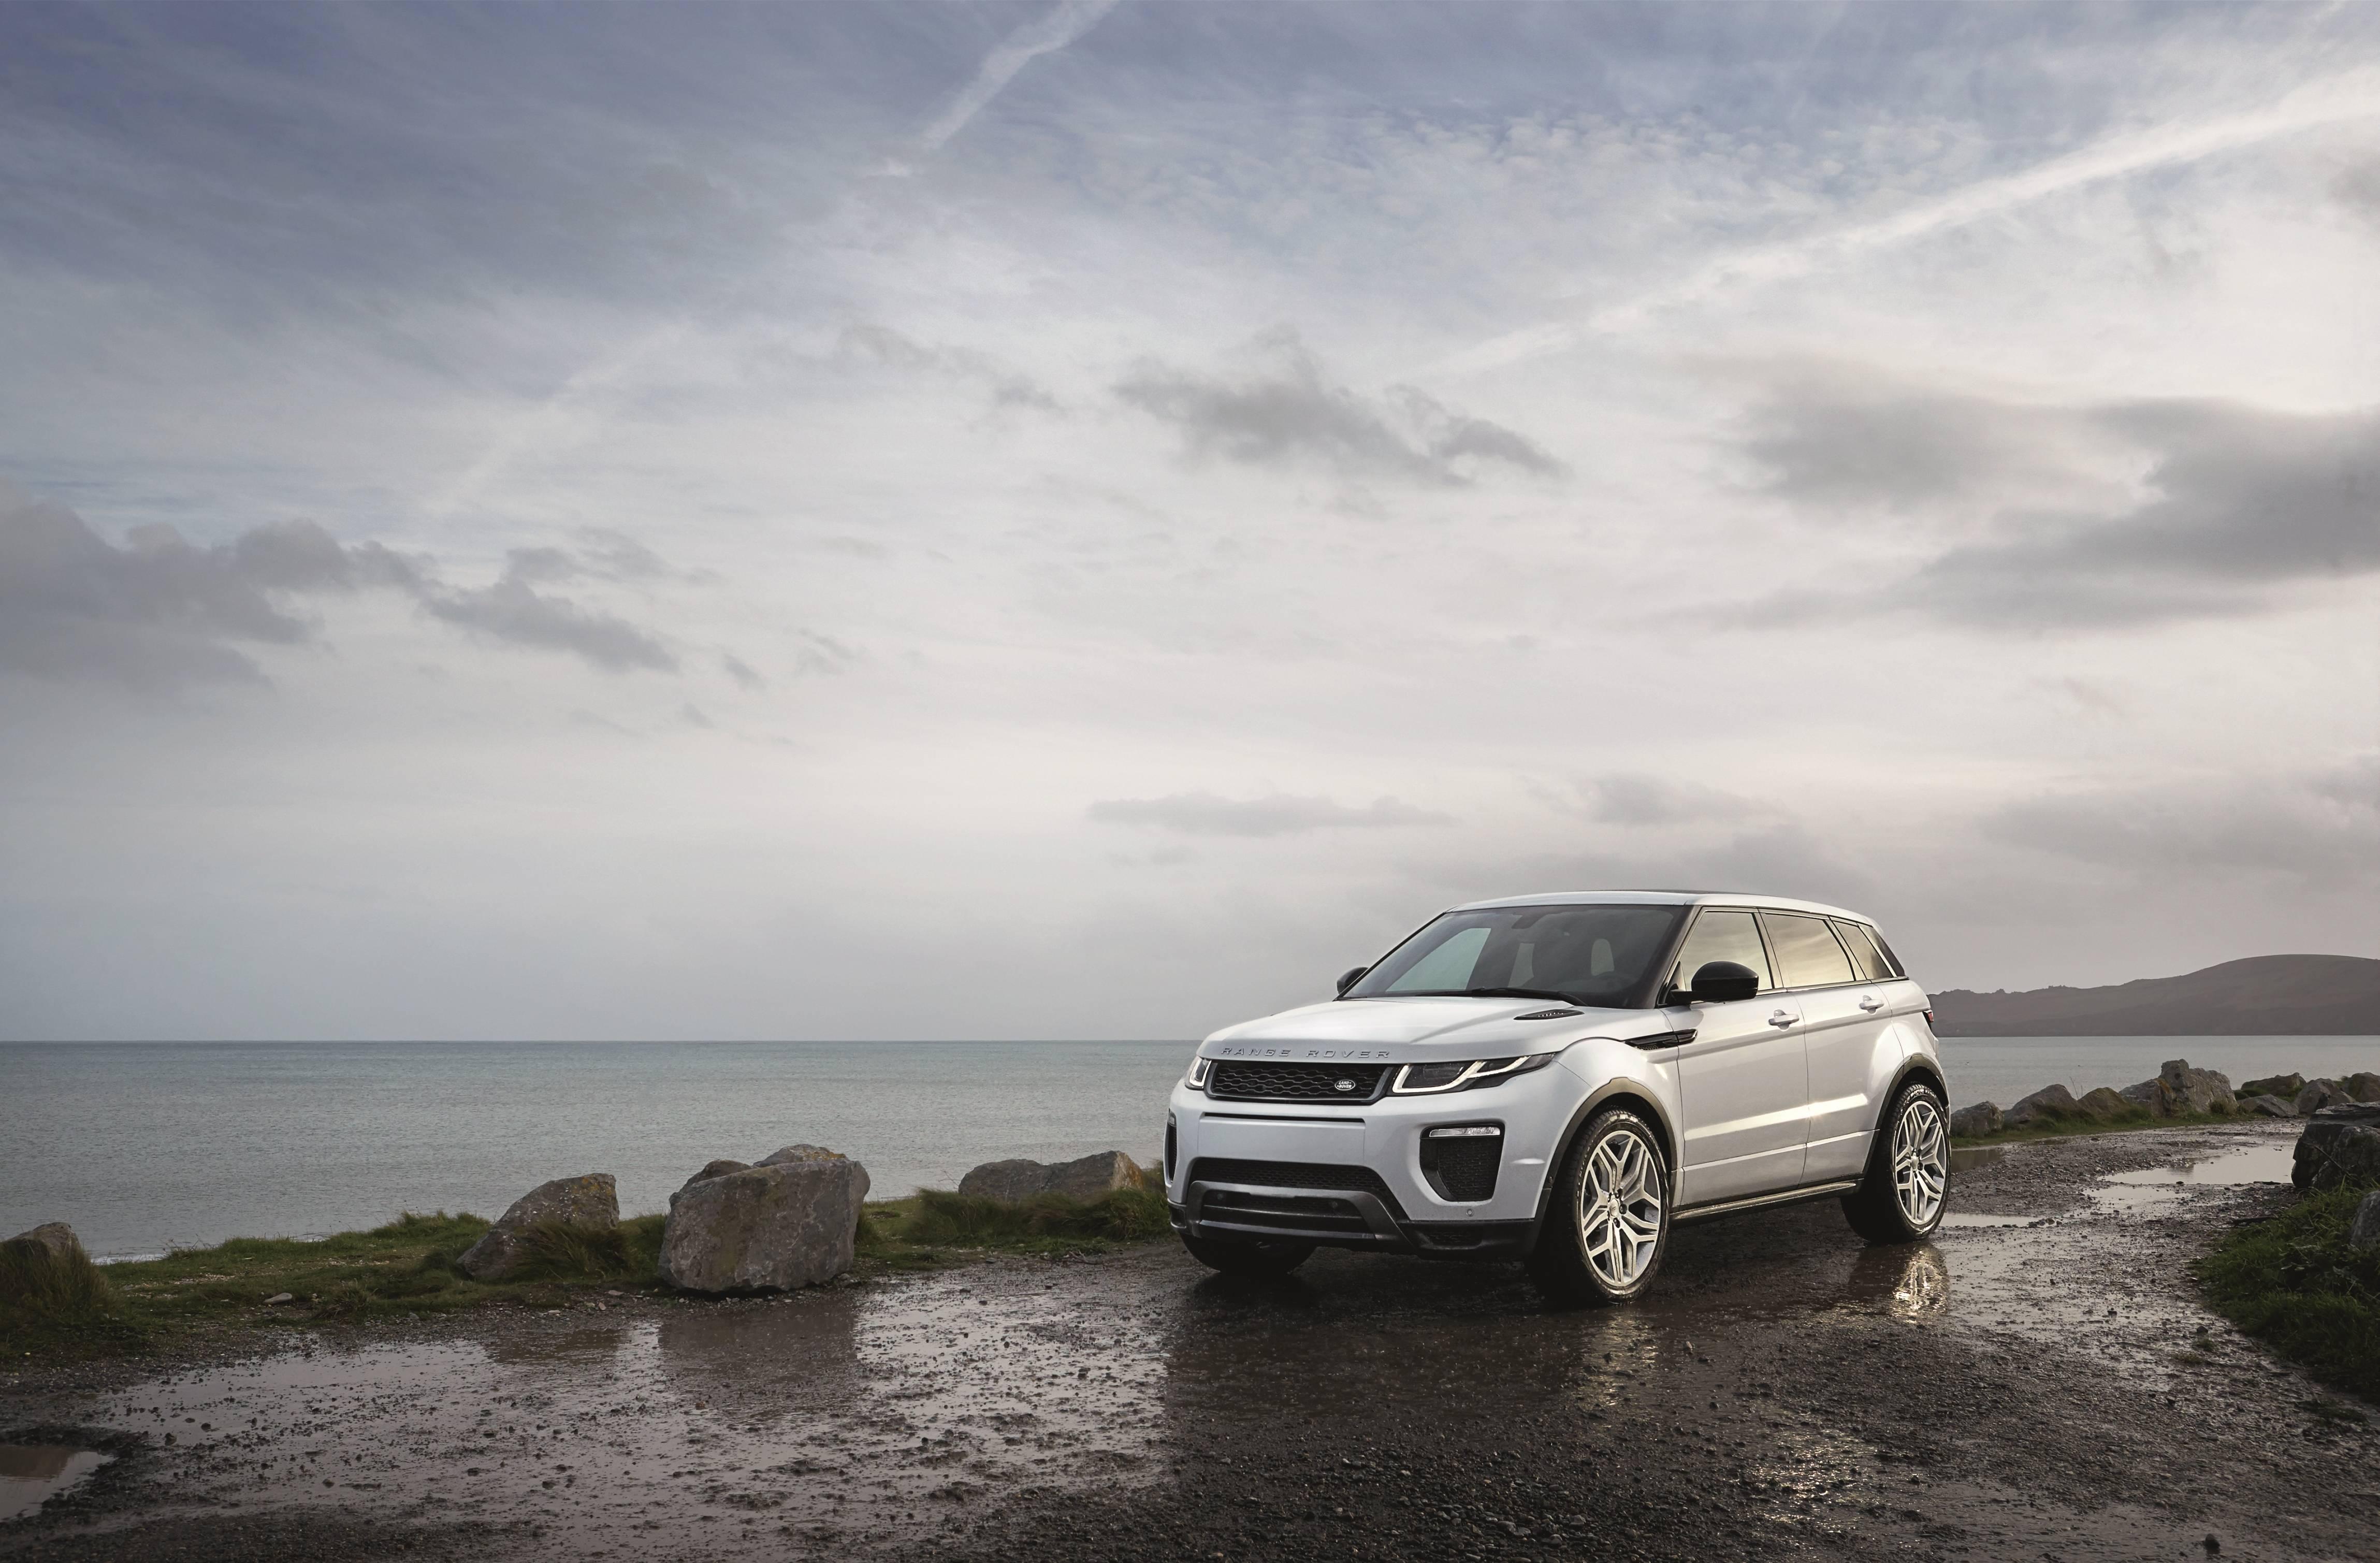 Range Rover Nashville >> Range Rover Austin | News of New Car Release